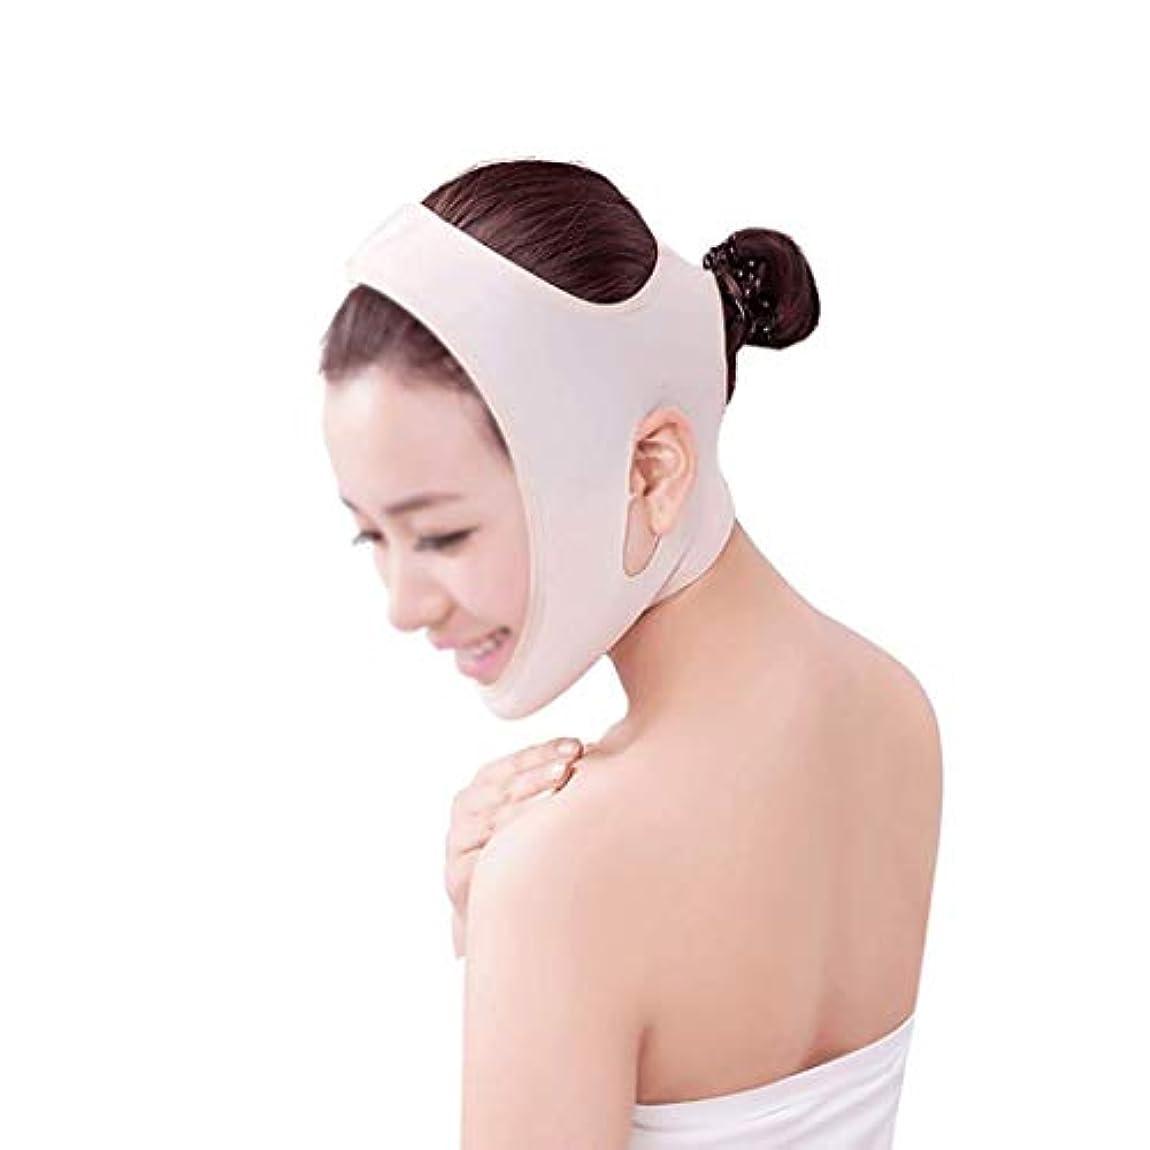 フェイス&ネックリフト術後弾性セット美容マスク小Vフェイスアーティファクトタイトリフティングエラスティックバンドリフティングフェイスシンフェイス包帯(サイズ:XL)